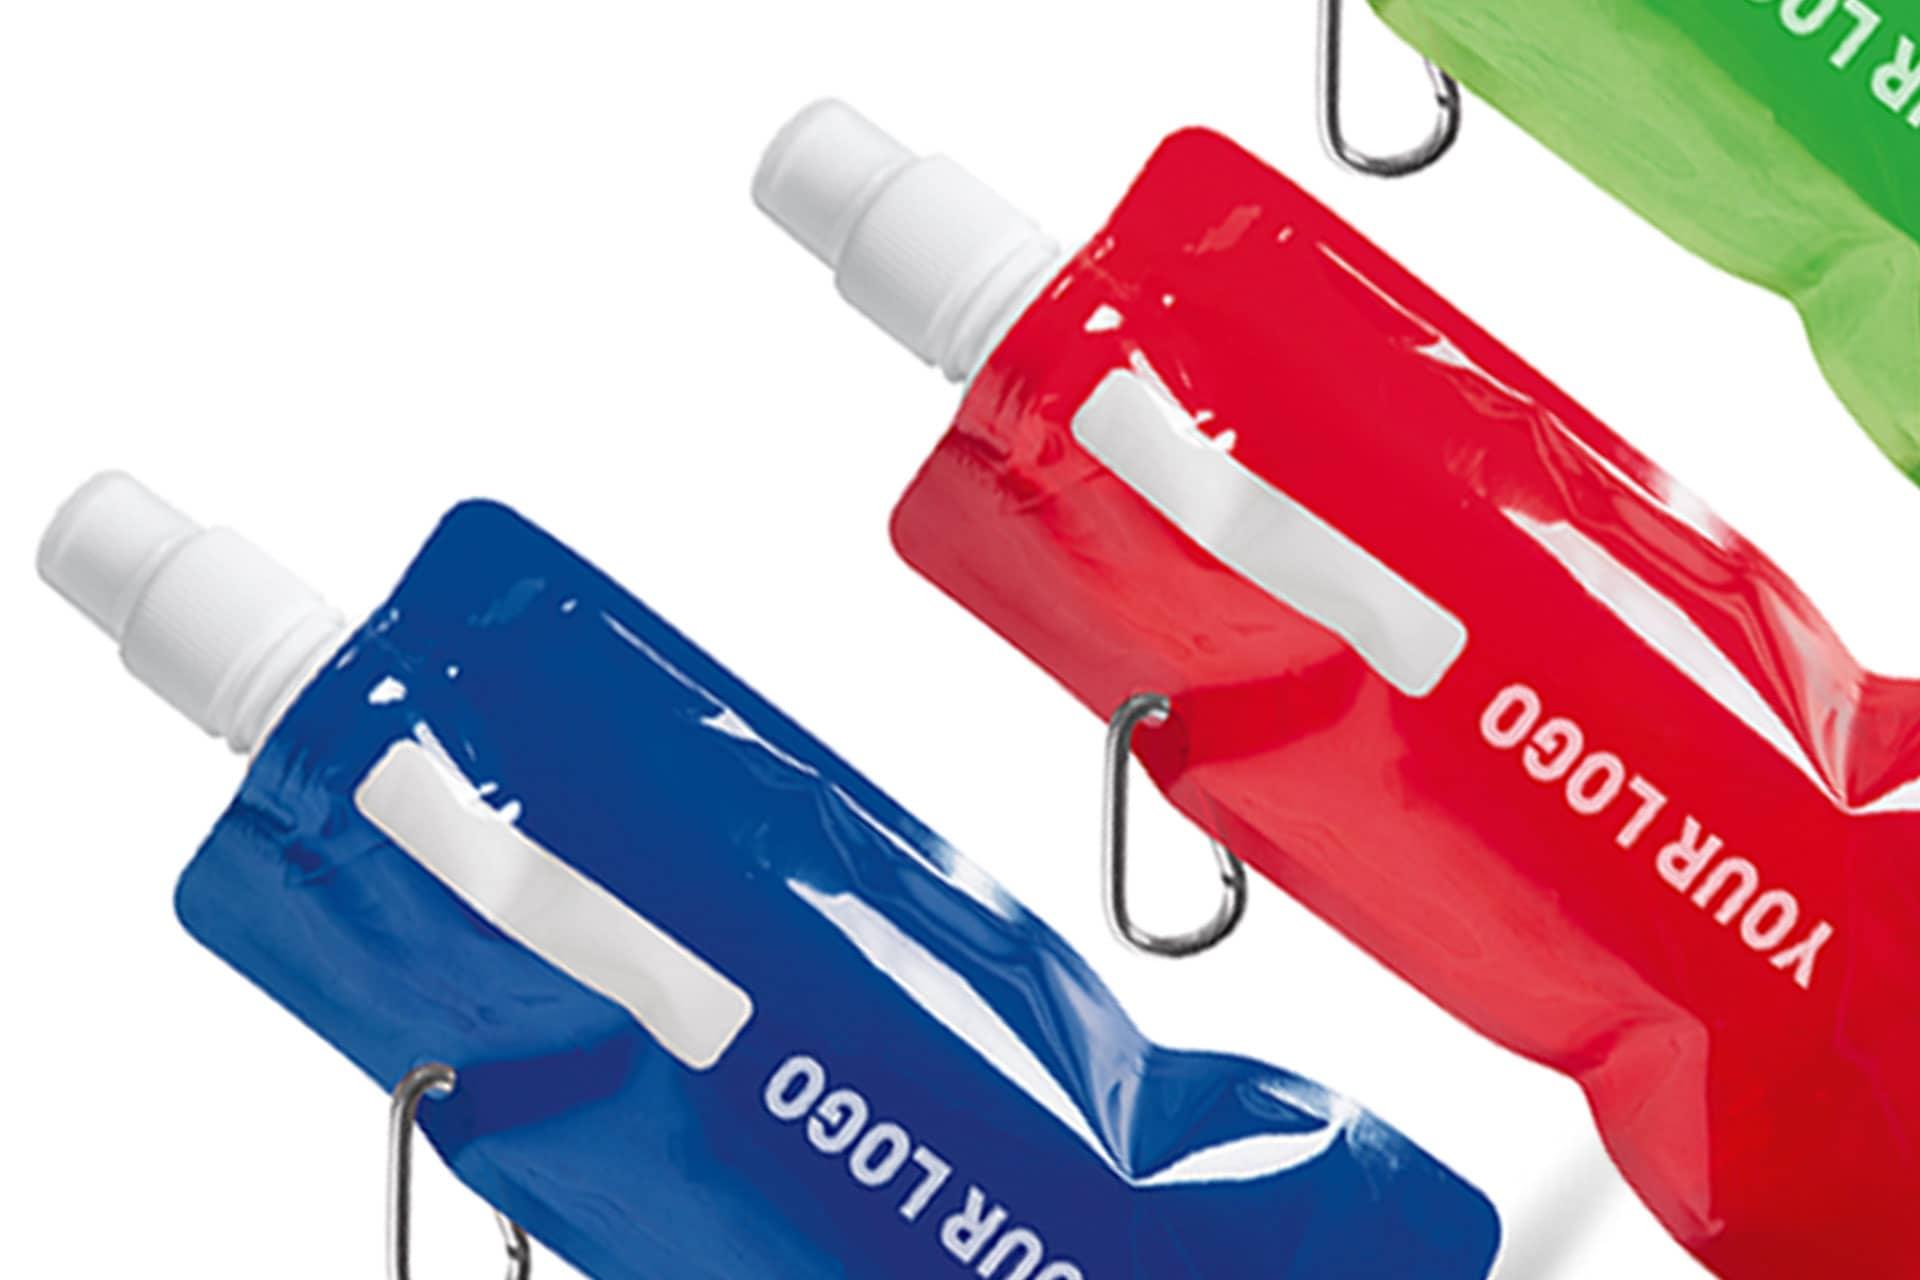 Gadget per sport e beverage